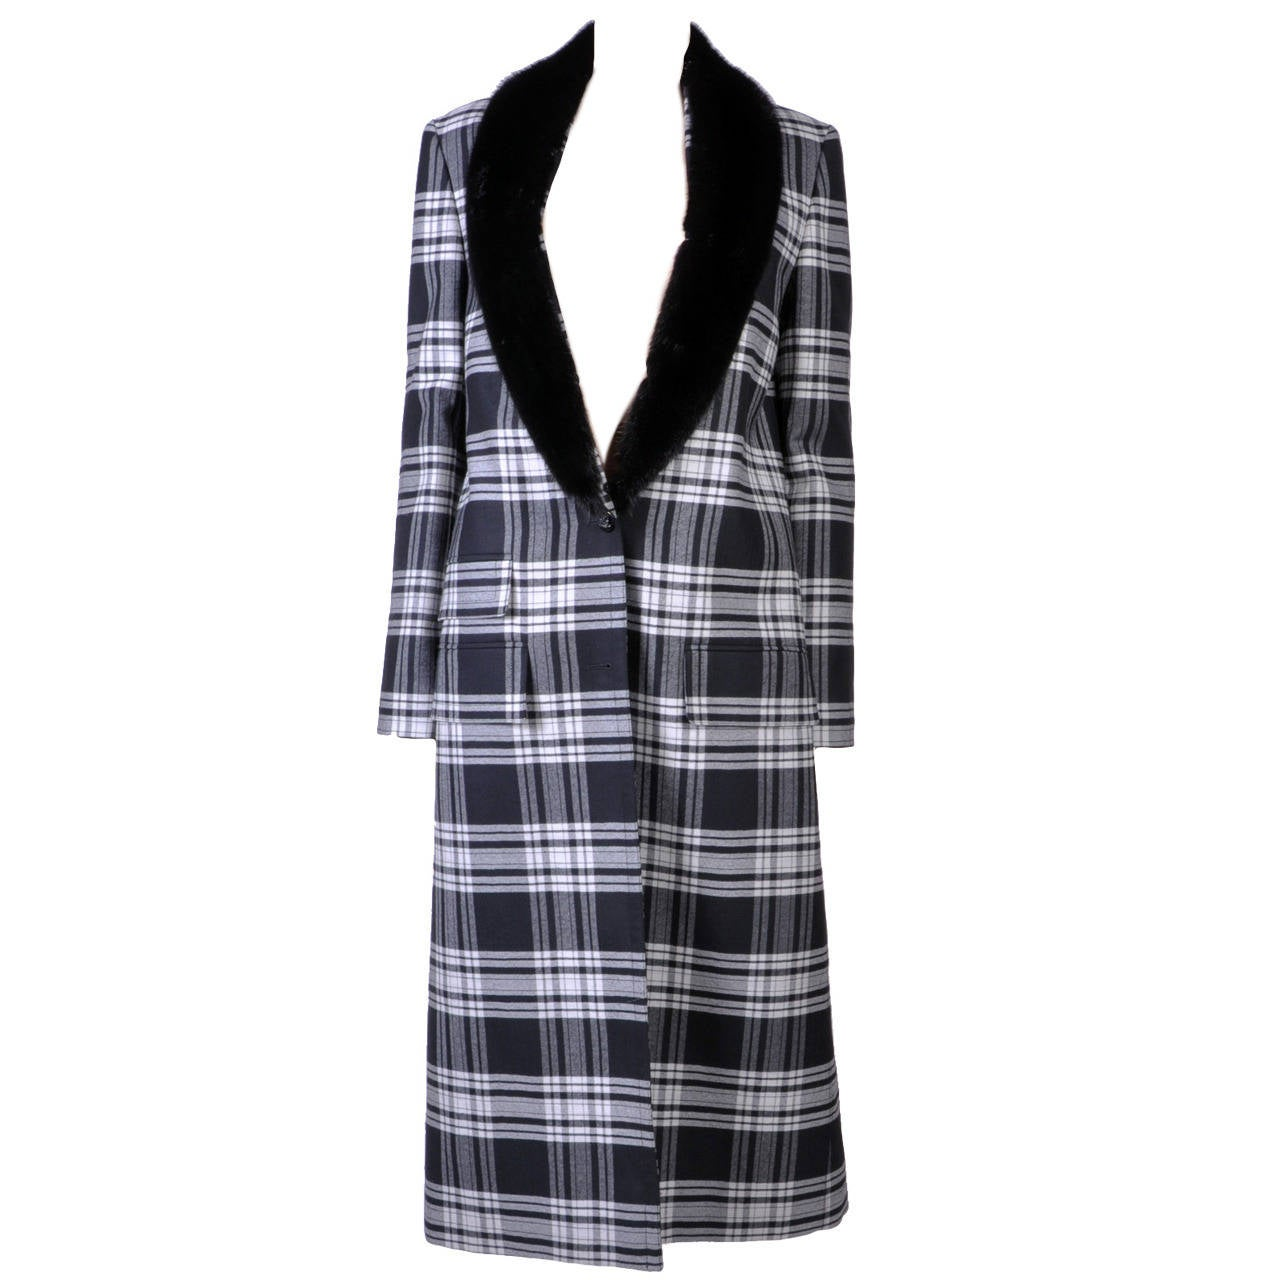 New VERSACE Wool Tartan Plaid Coat With Mink Fur